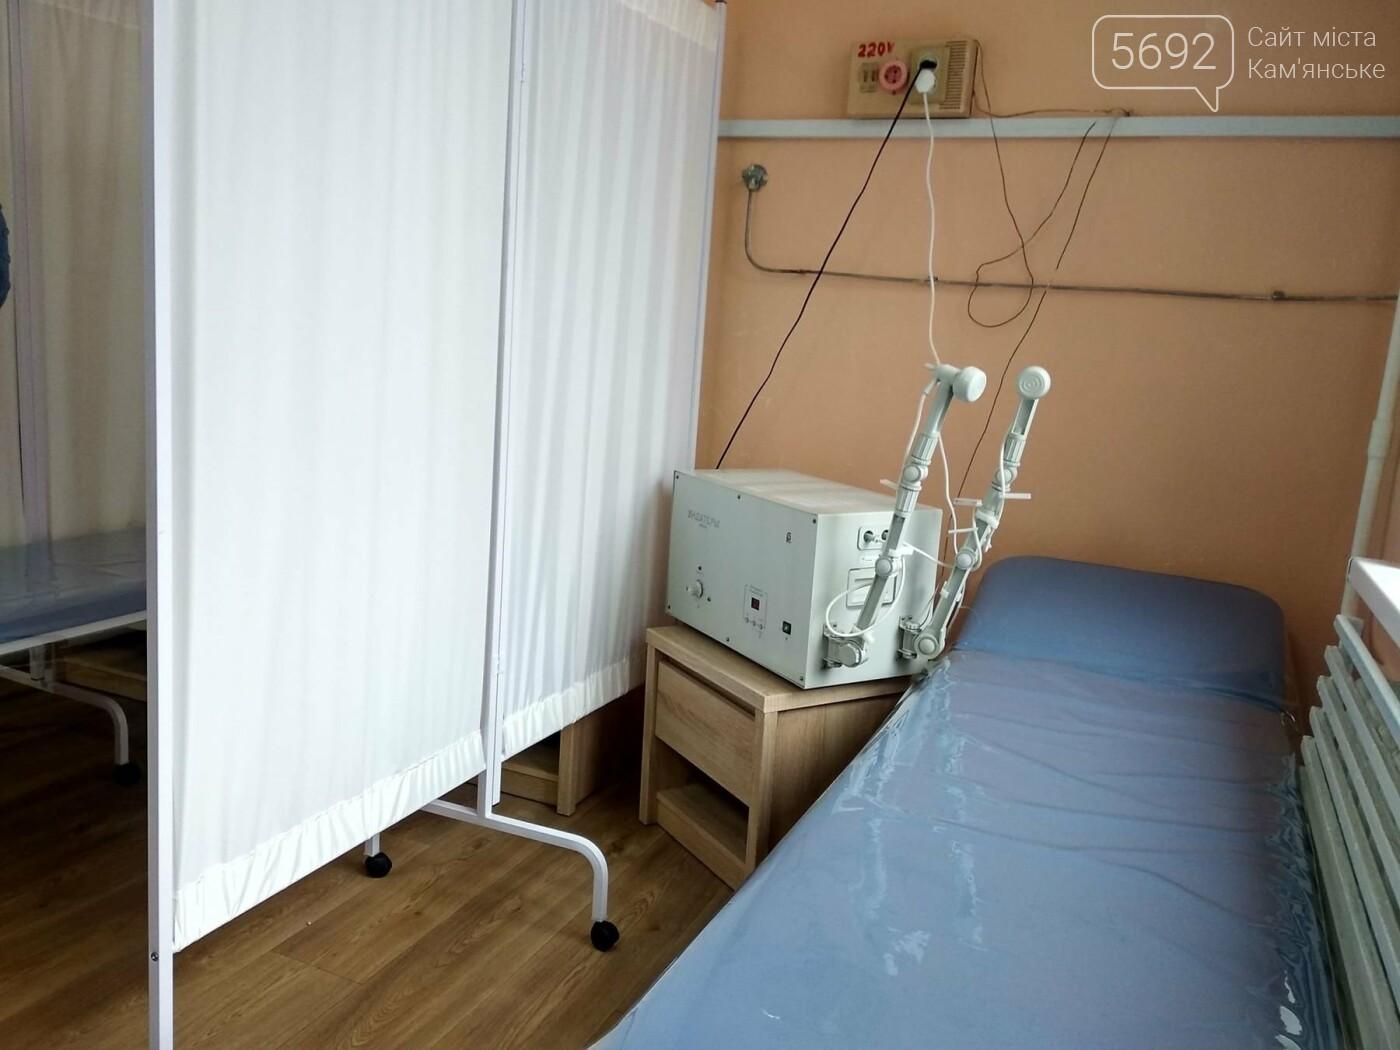 В Каменской детской больнице капитально обновили два кабинета, фото-6